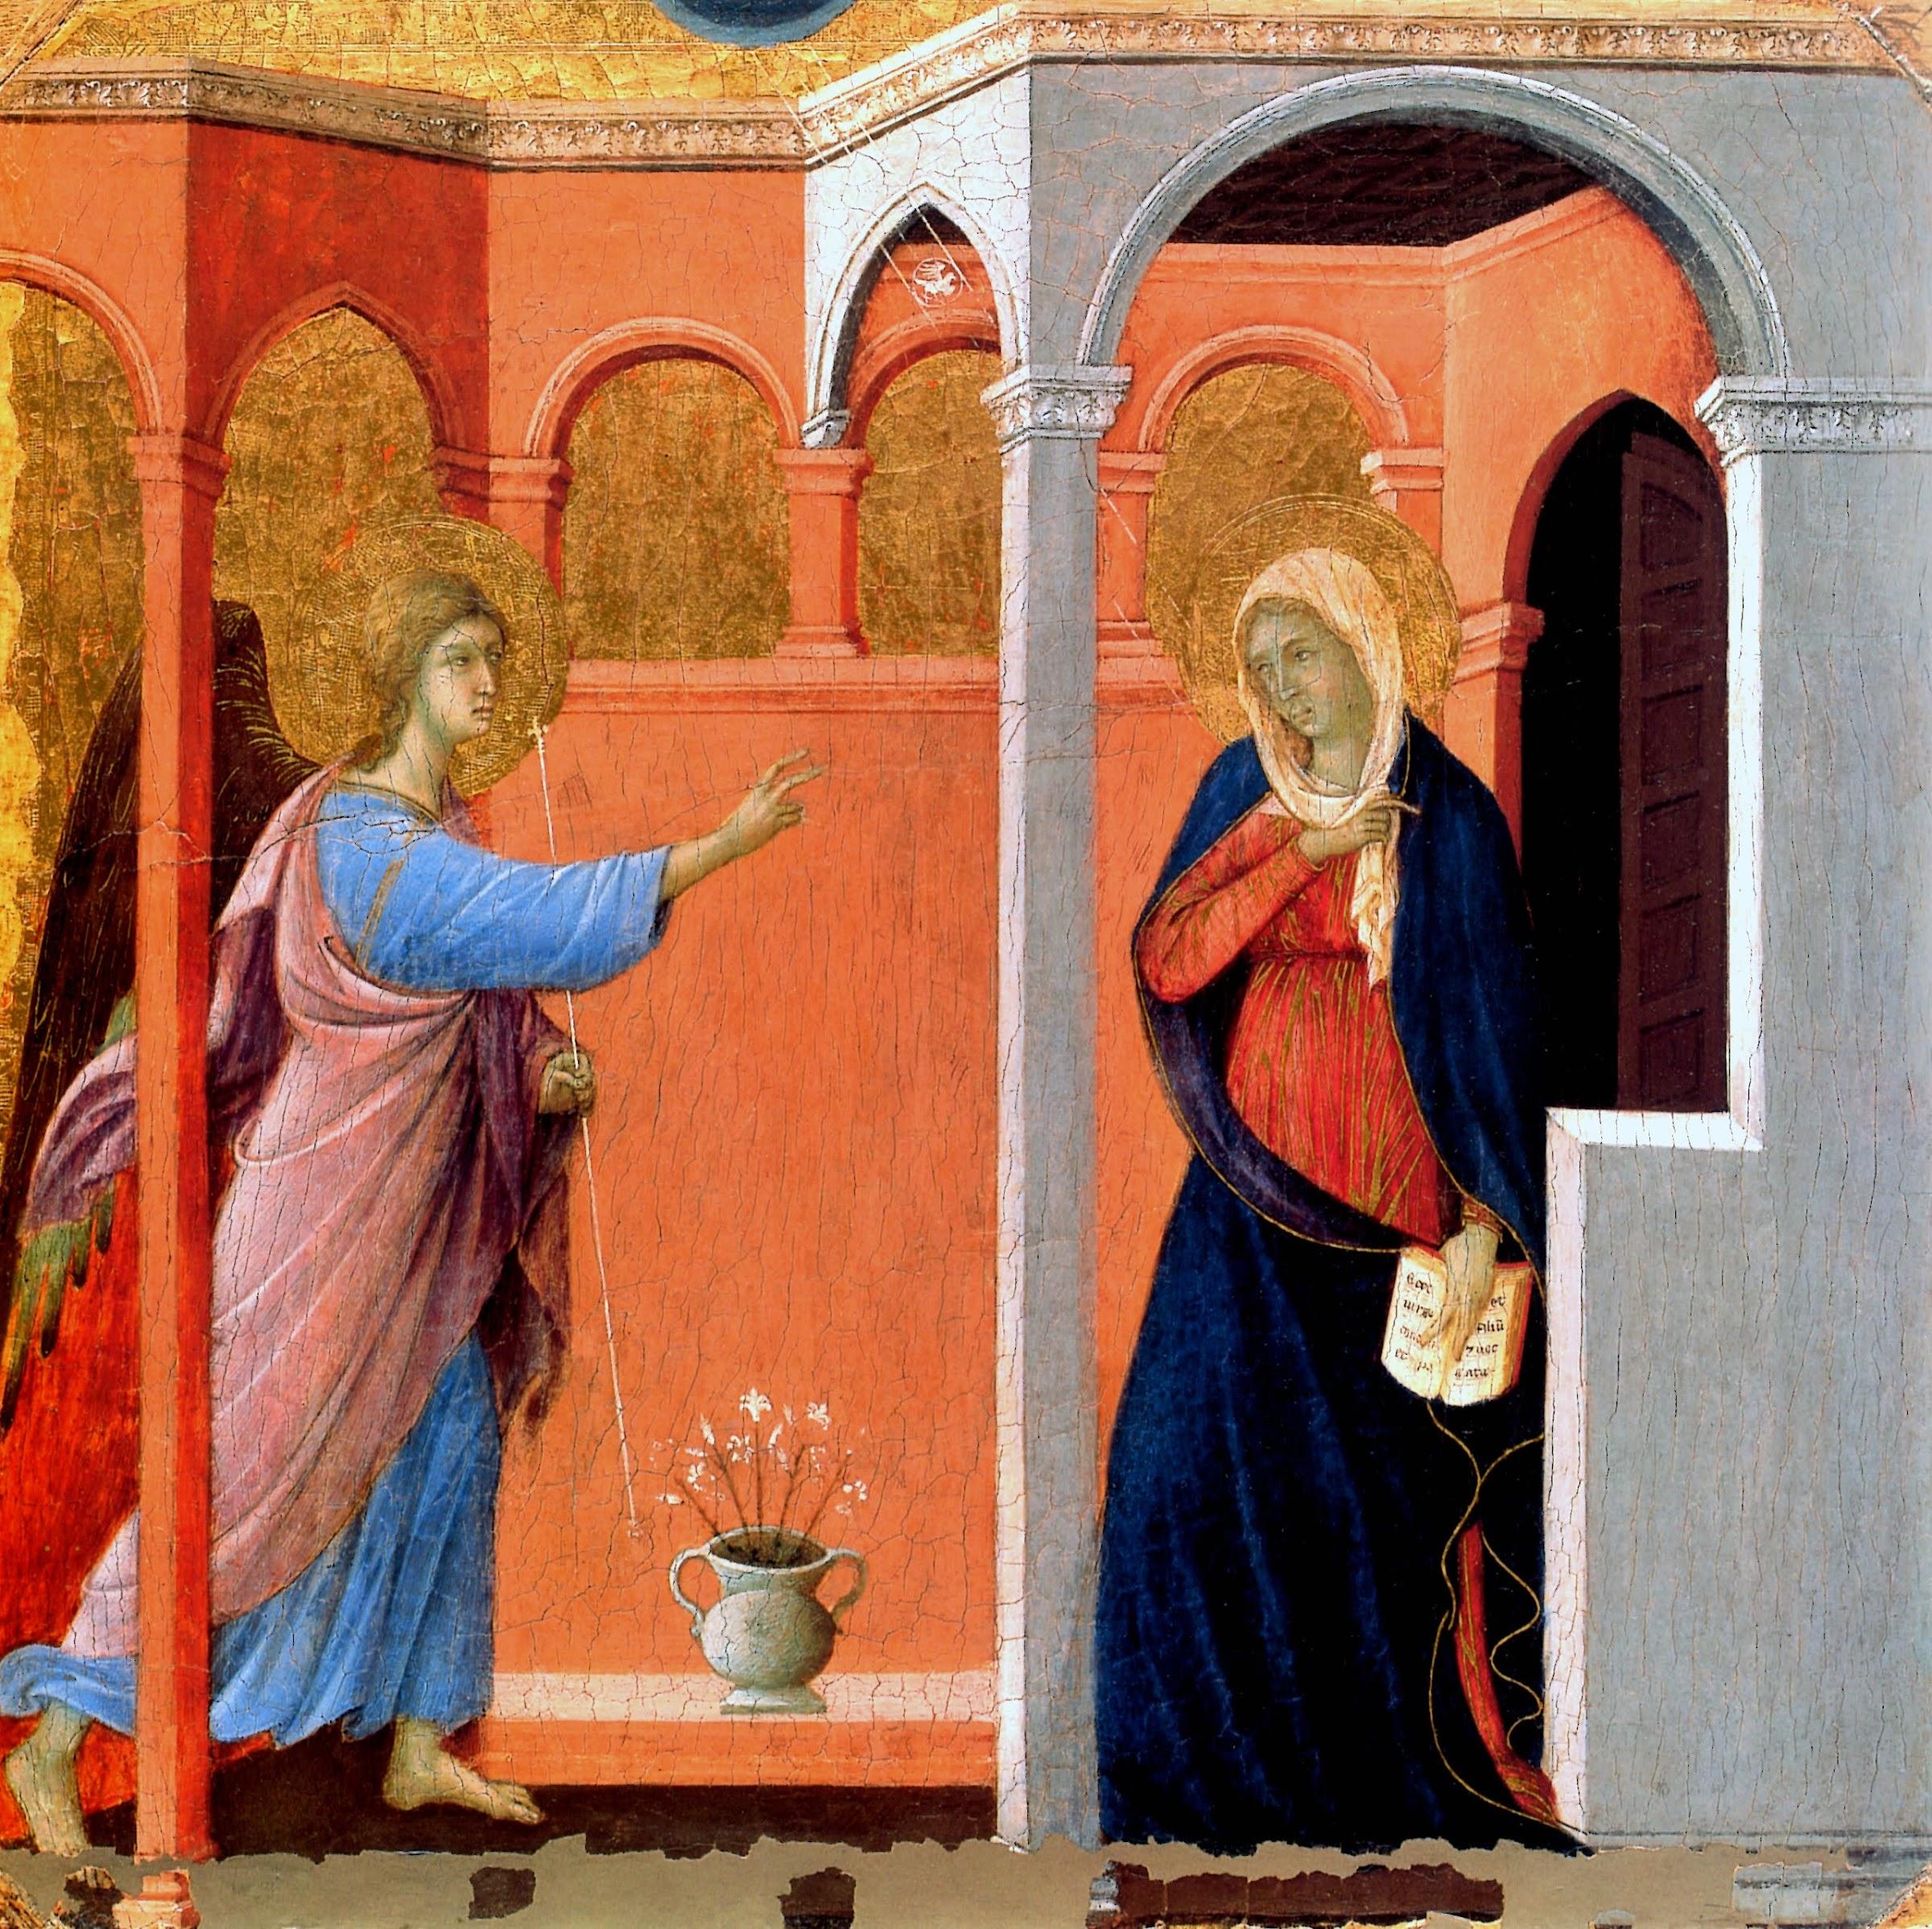 Duccio di Buoninsegna, Predella della Maestà, L'annunciazione (Londra,National Gallery)